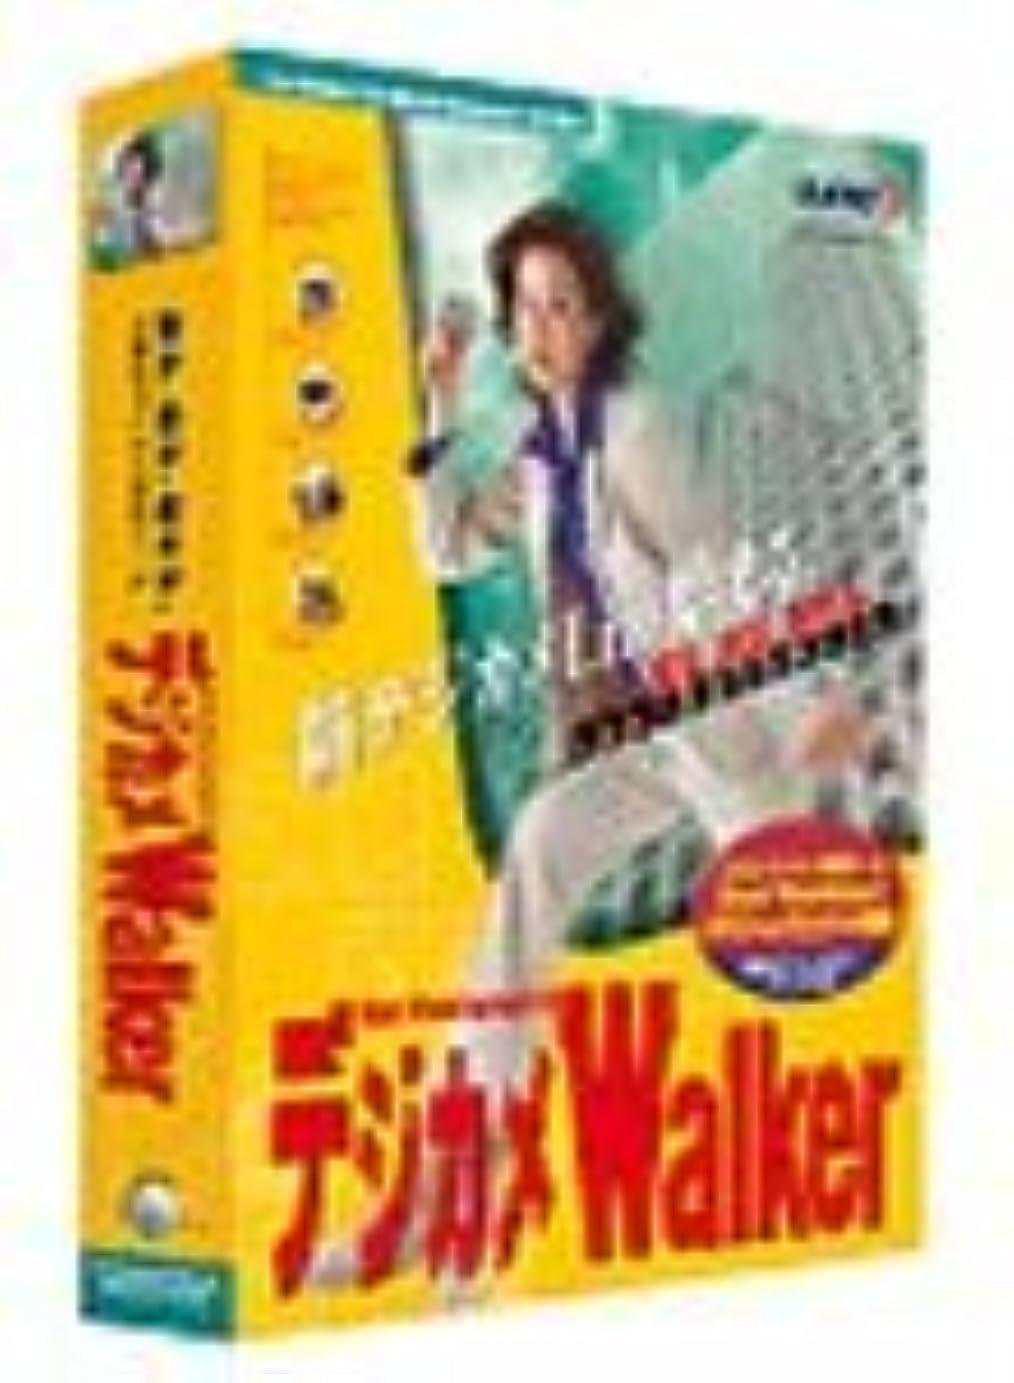 中毒ダルセットセンチメンタルデジカメWalker アカデミック版